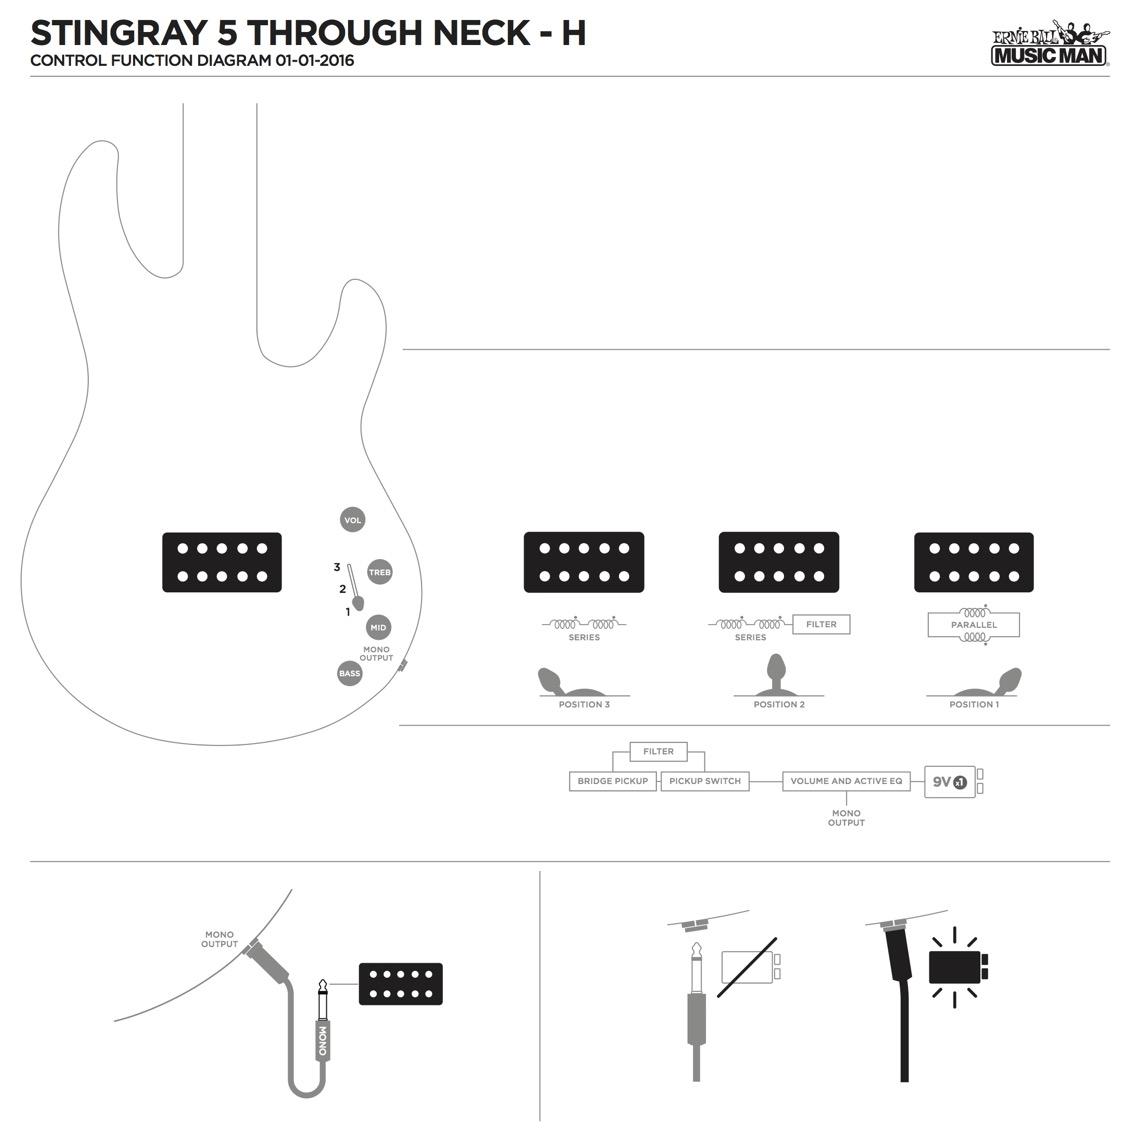 Stingray 5 Through Neck